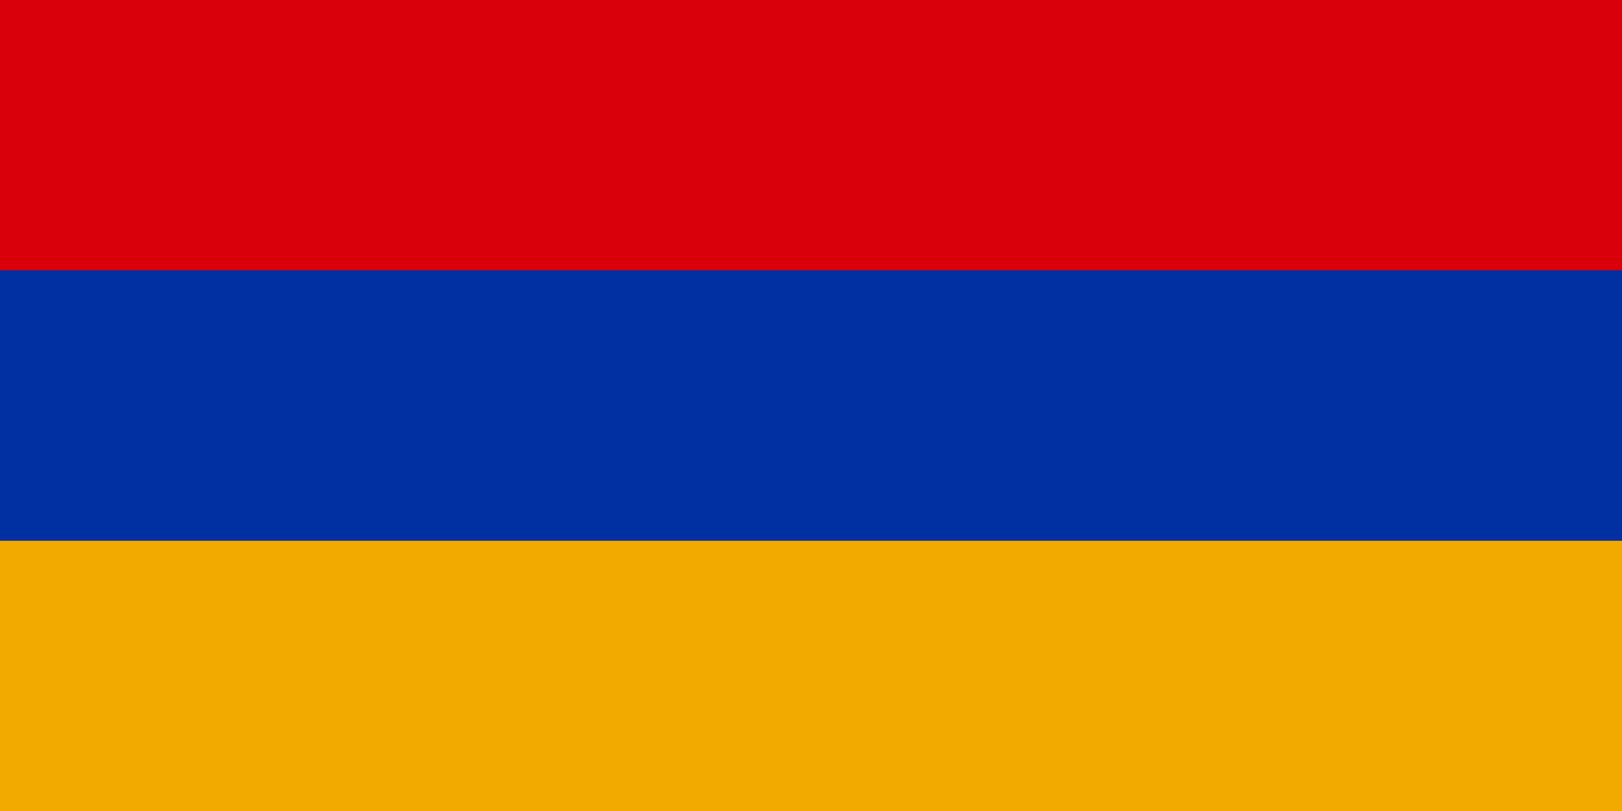 Flagge im Querformat Land Armenien 150x100 cm